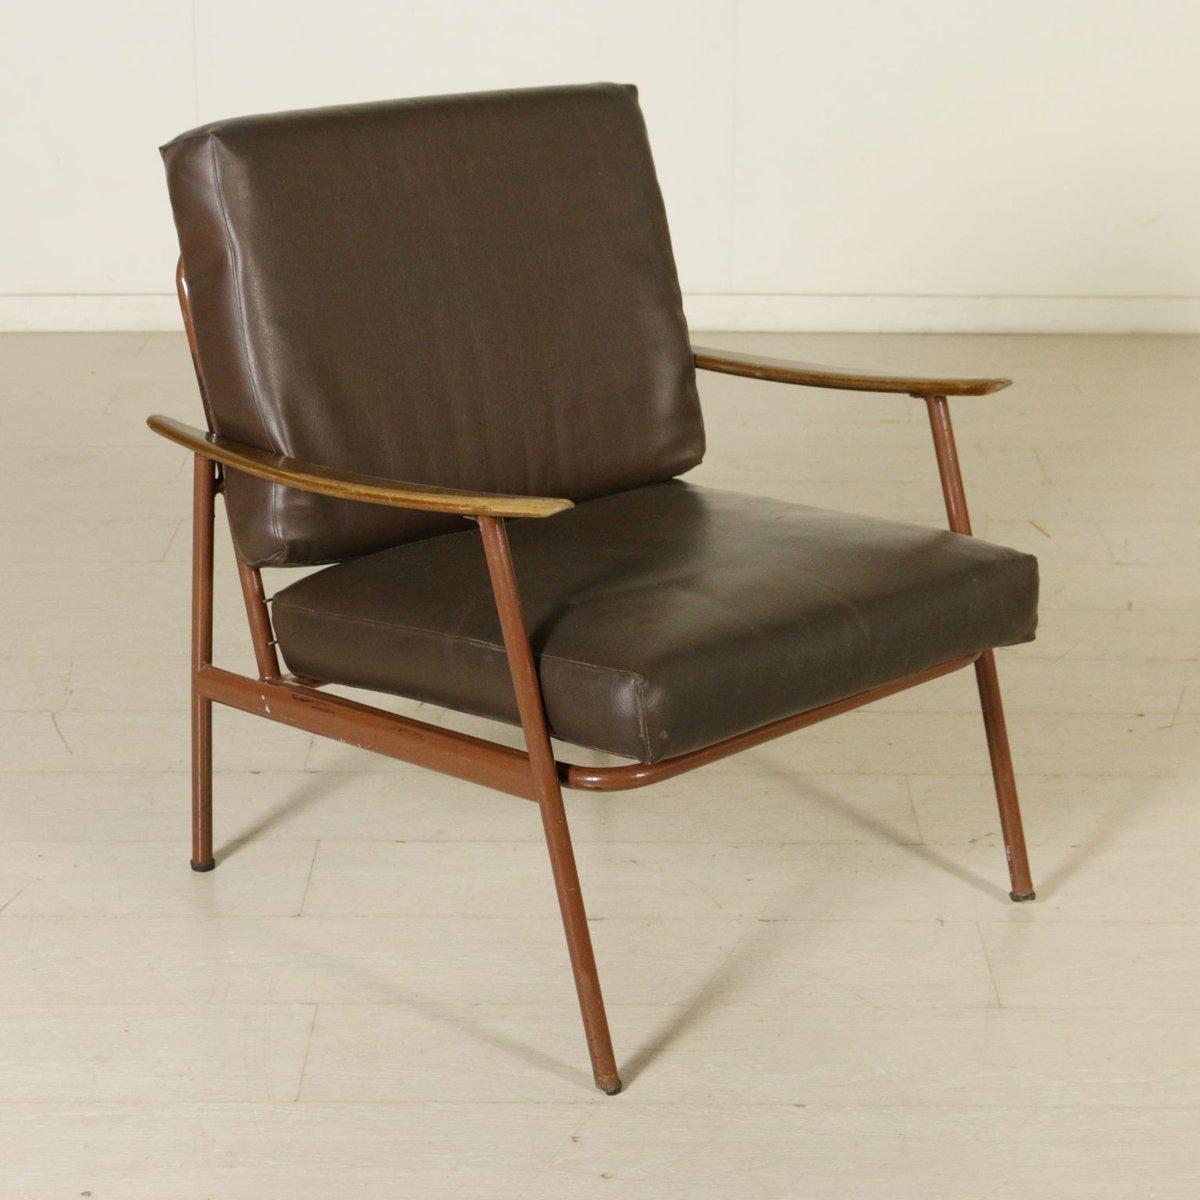 italienische vintage sessel aus metall holz kunstleder. Black Bedroom Furniture Sets. Home Design Ideas